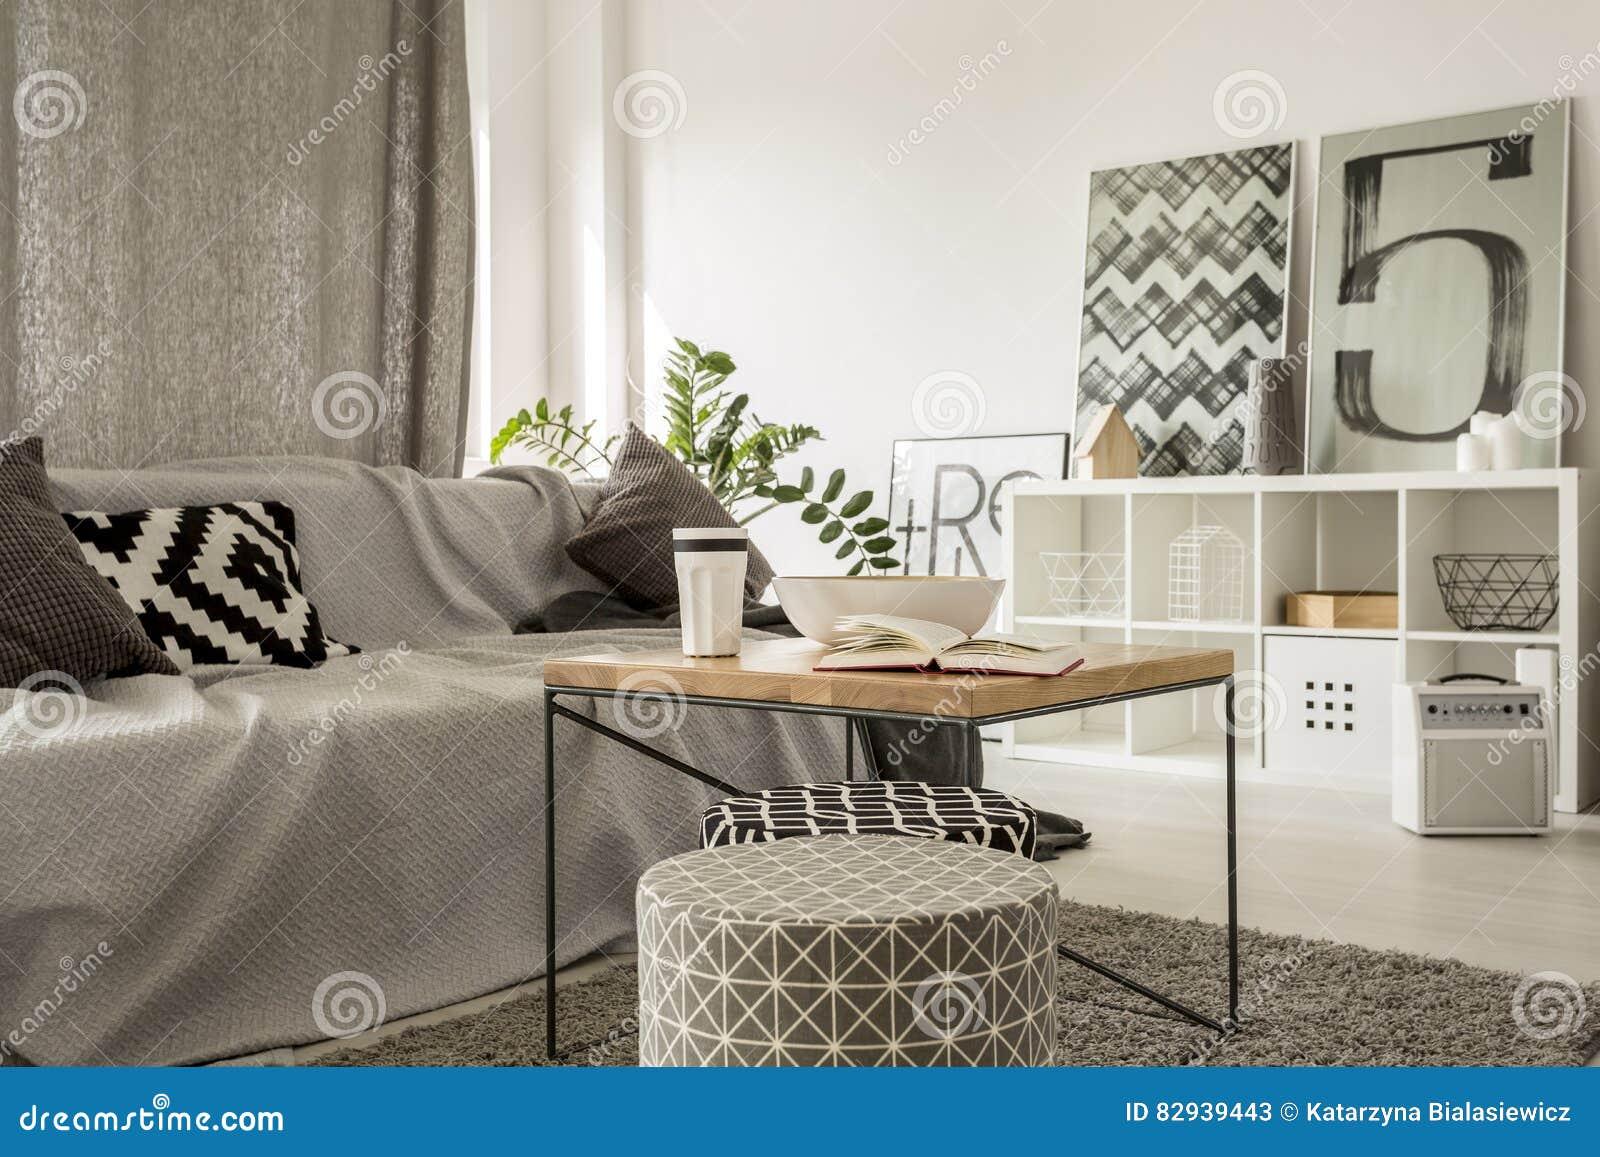 Salotto Moderno Legno : Tavolino da salotto di legno in salotto moderno immagine stock